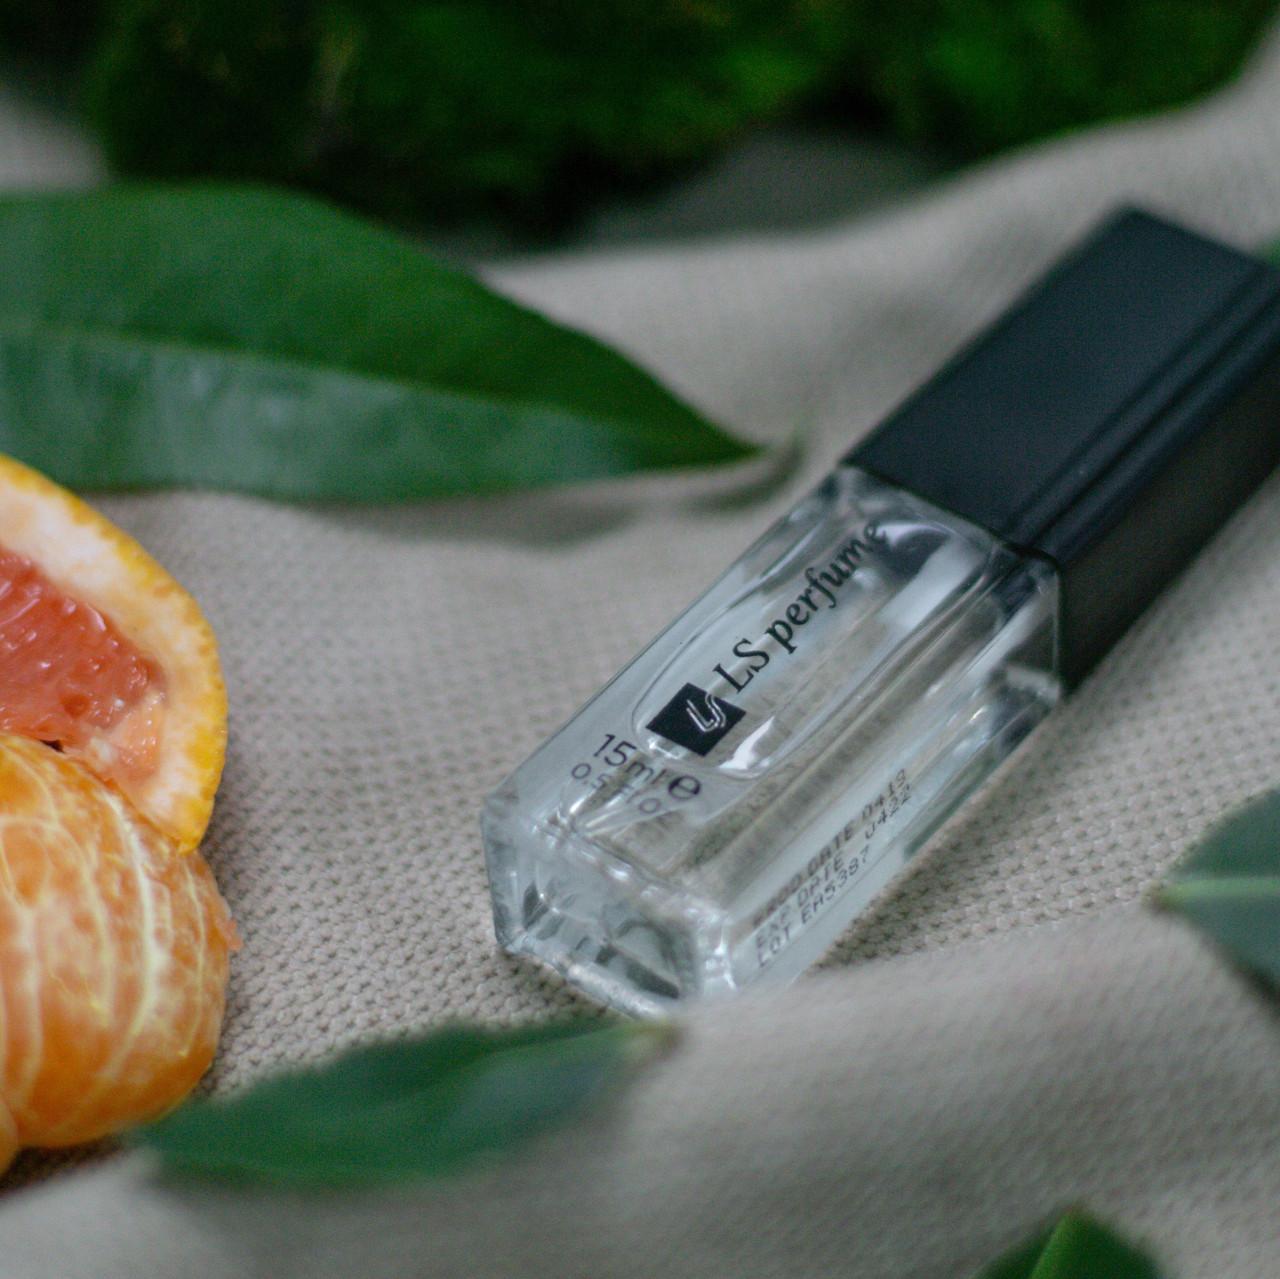 М656 Мужской парфюм Paco Rabanne Invictus 15ml